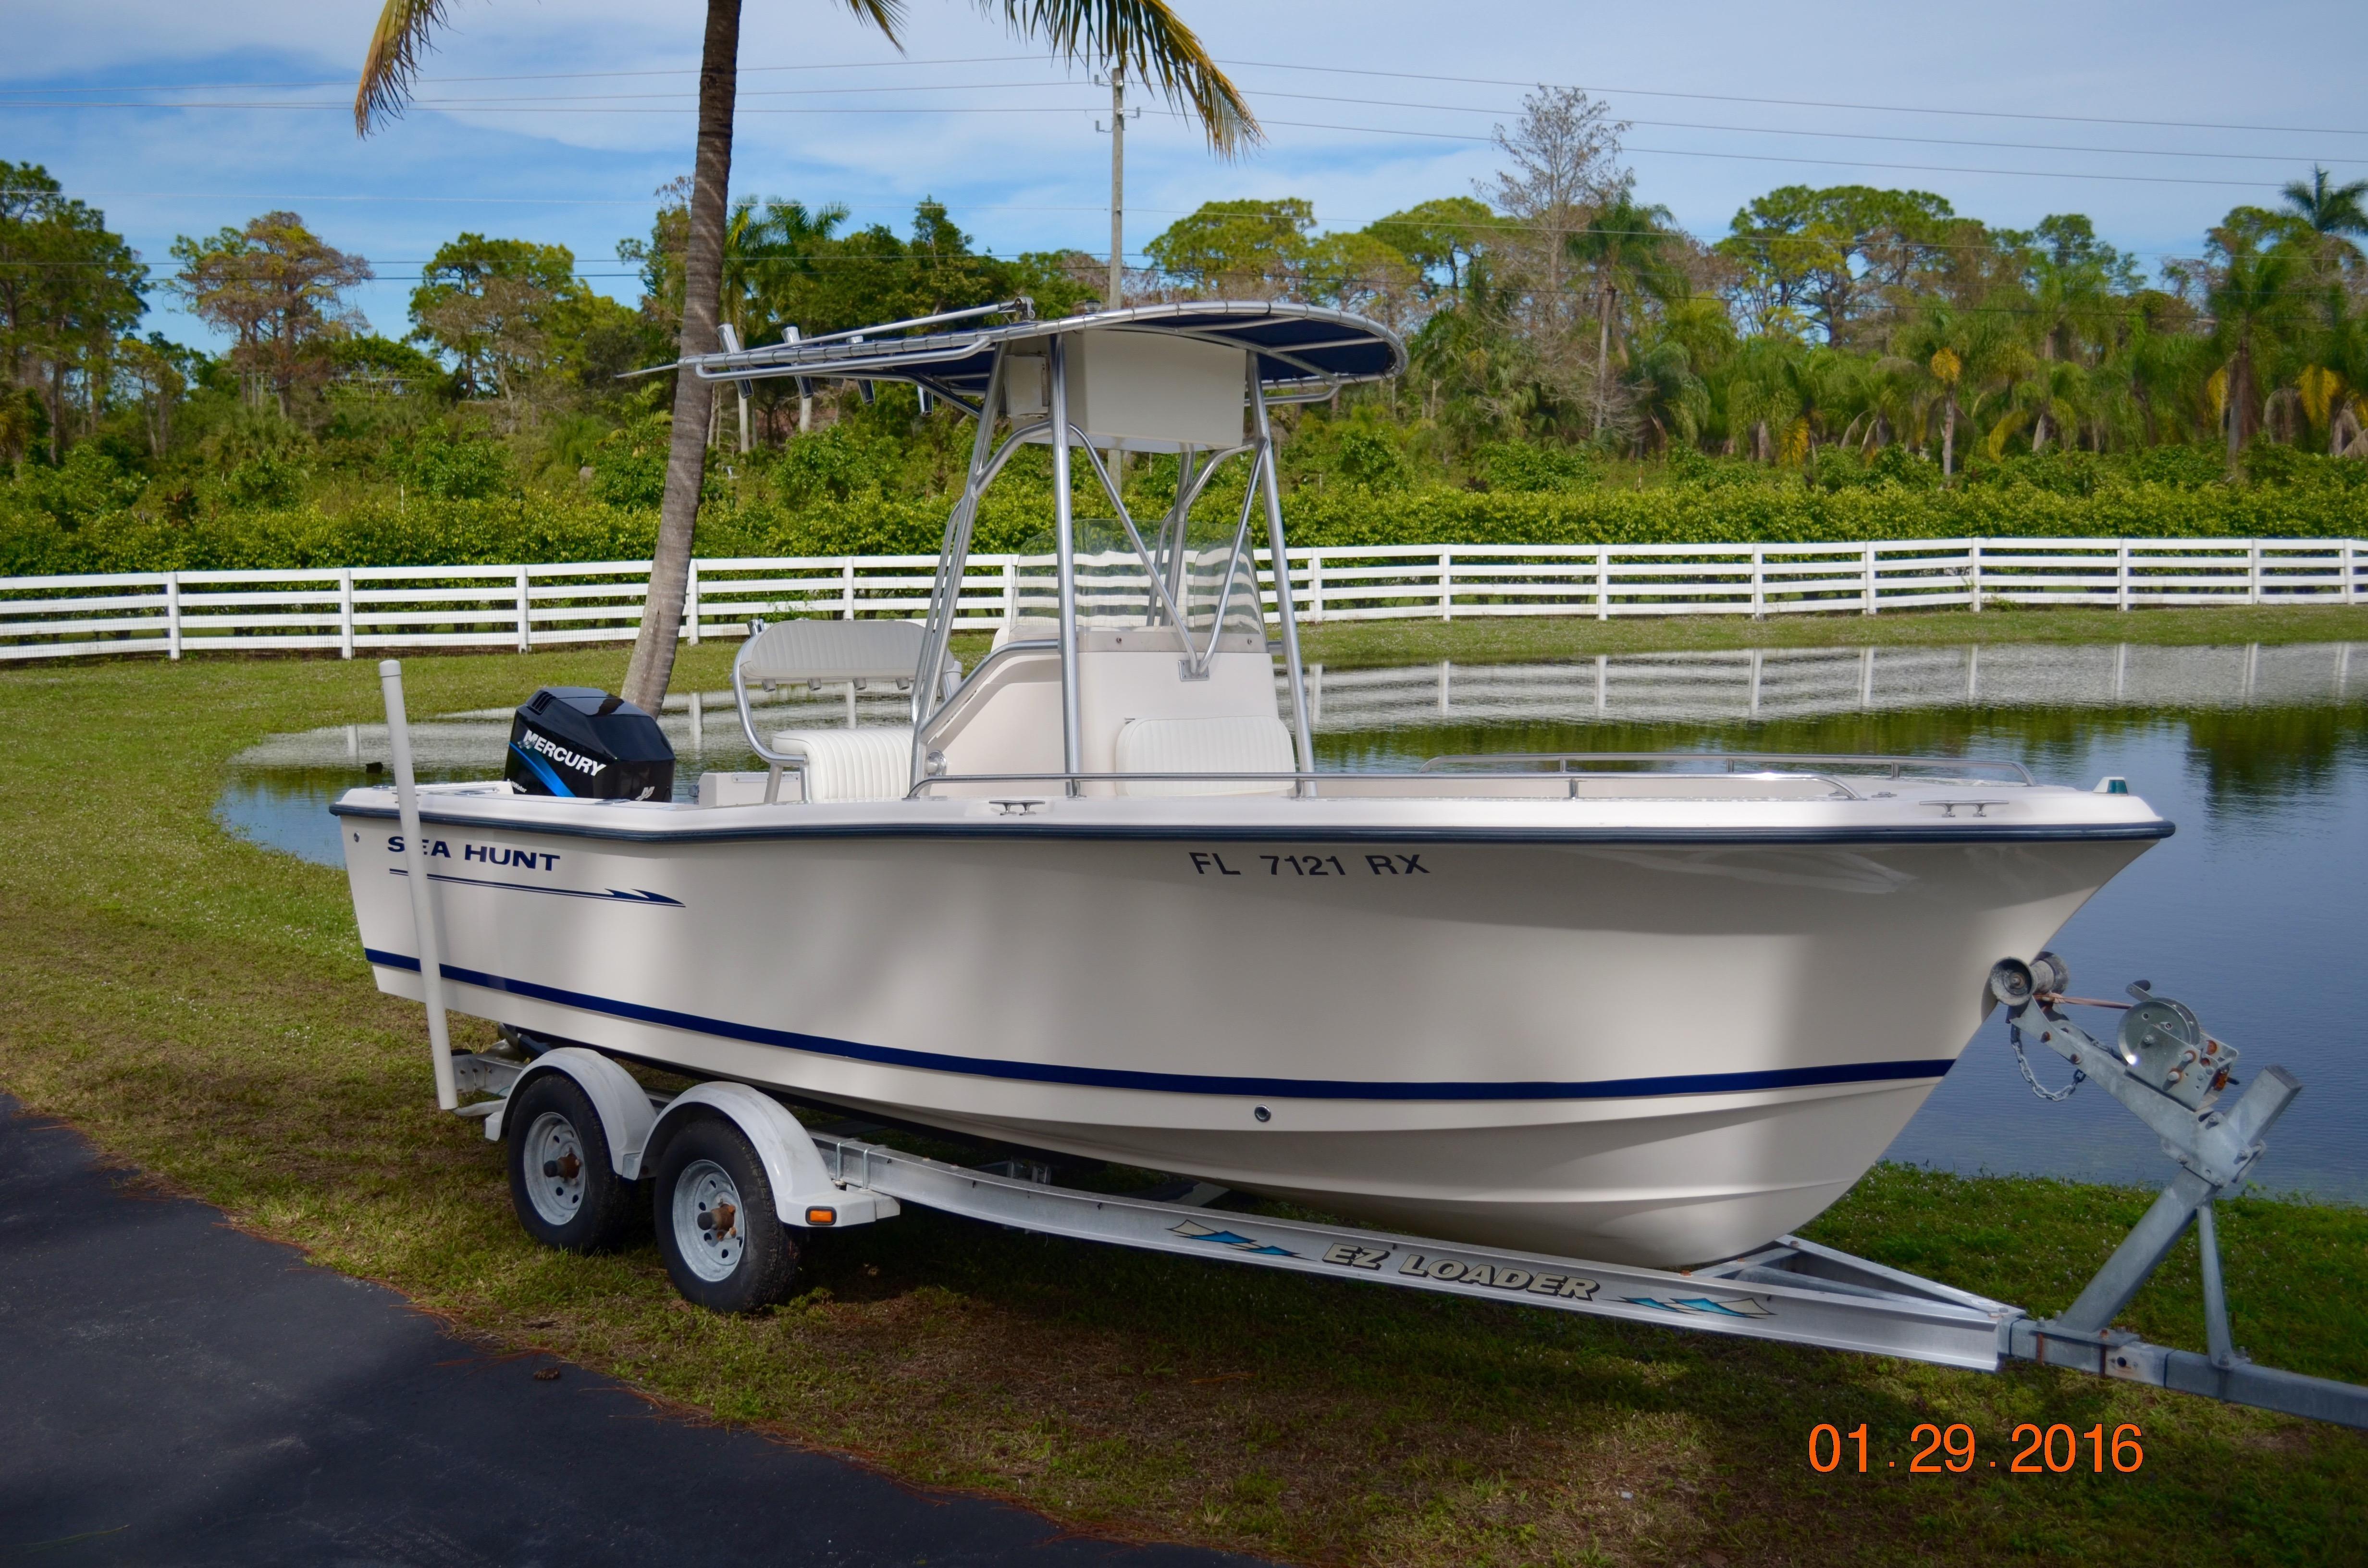 2004 Sea Hunt 212 Triton CC